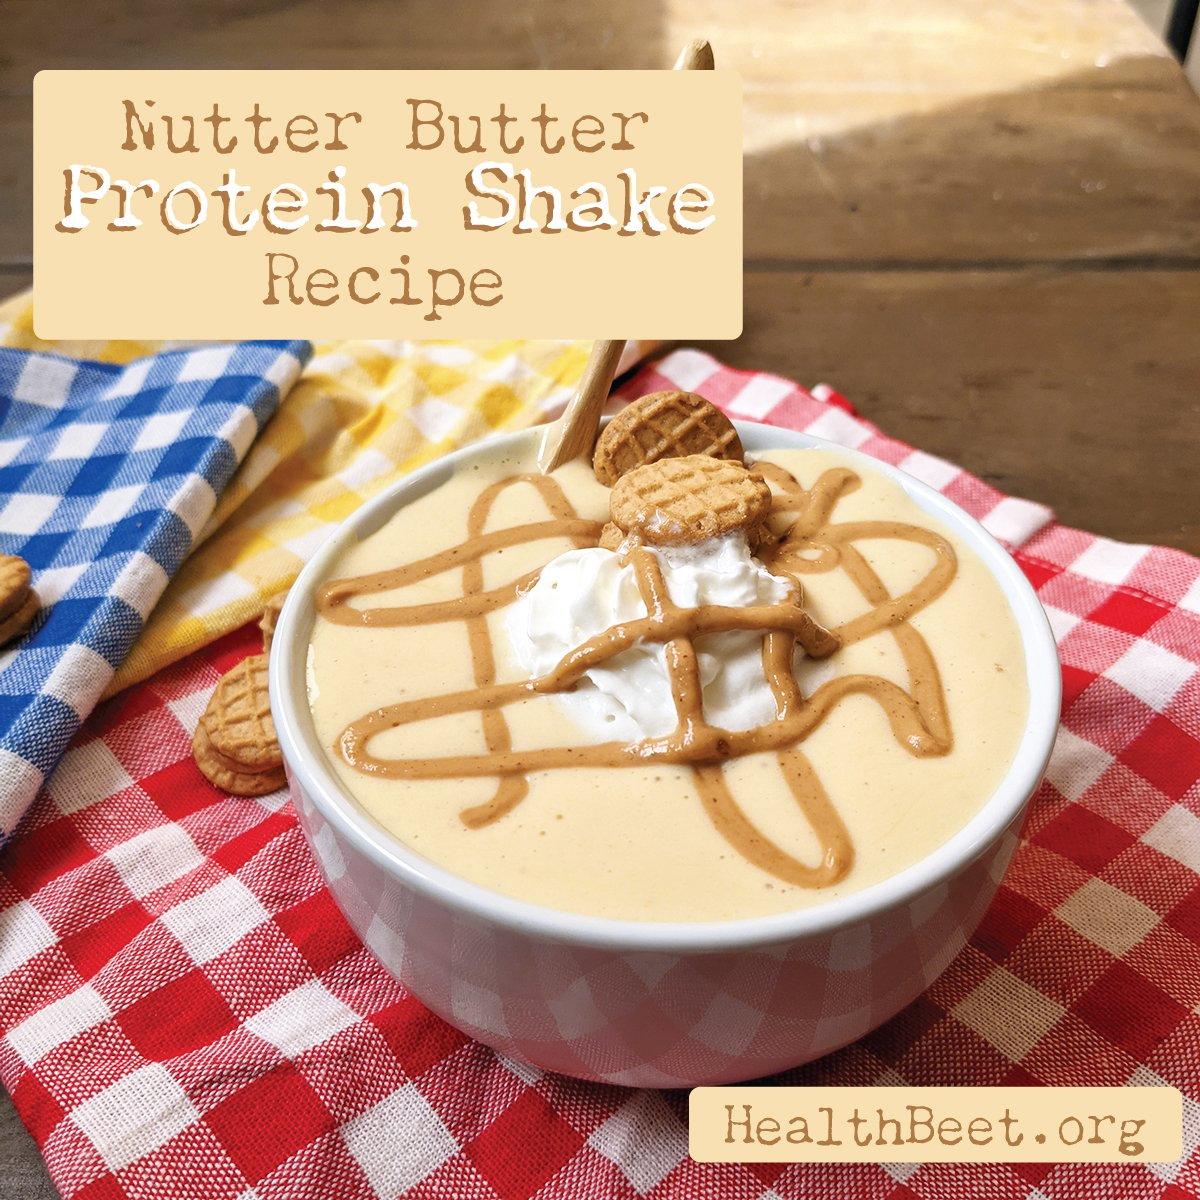 Nutter Butter Tan Thumb 1200x1200